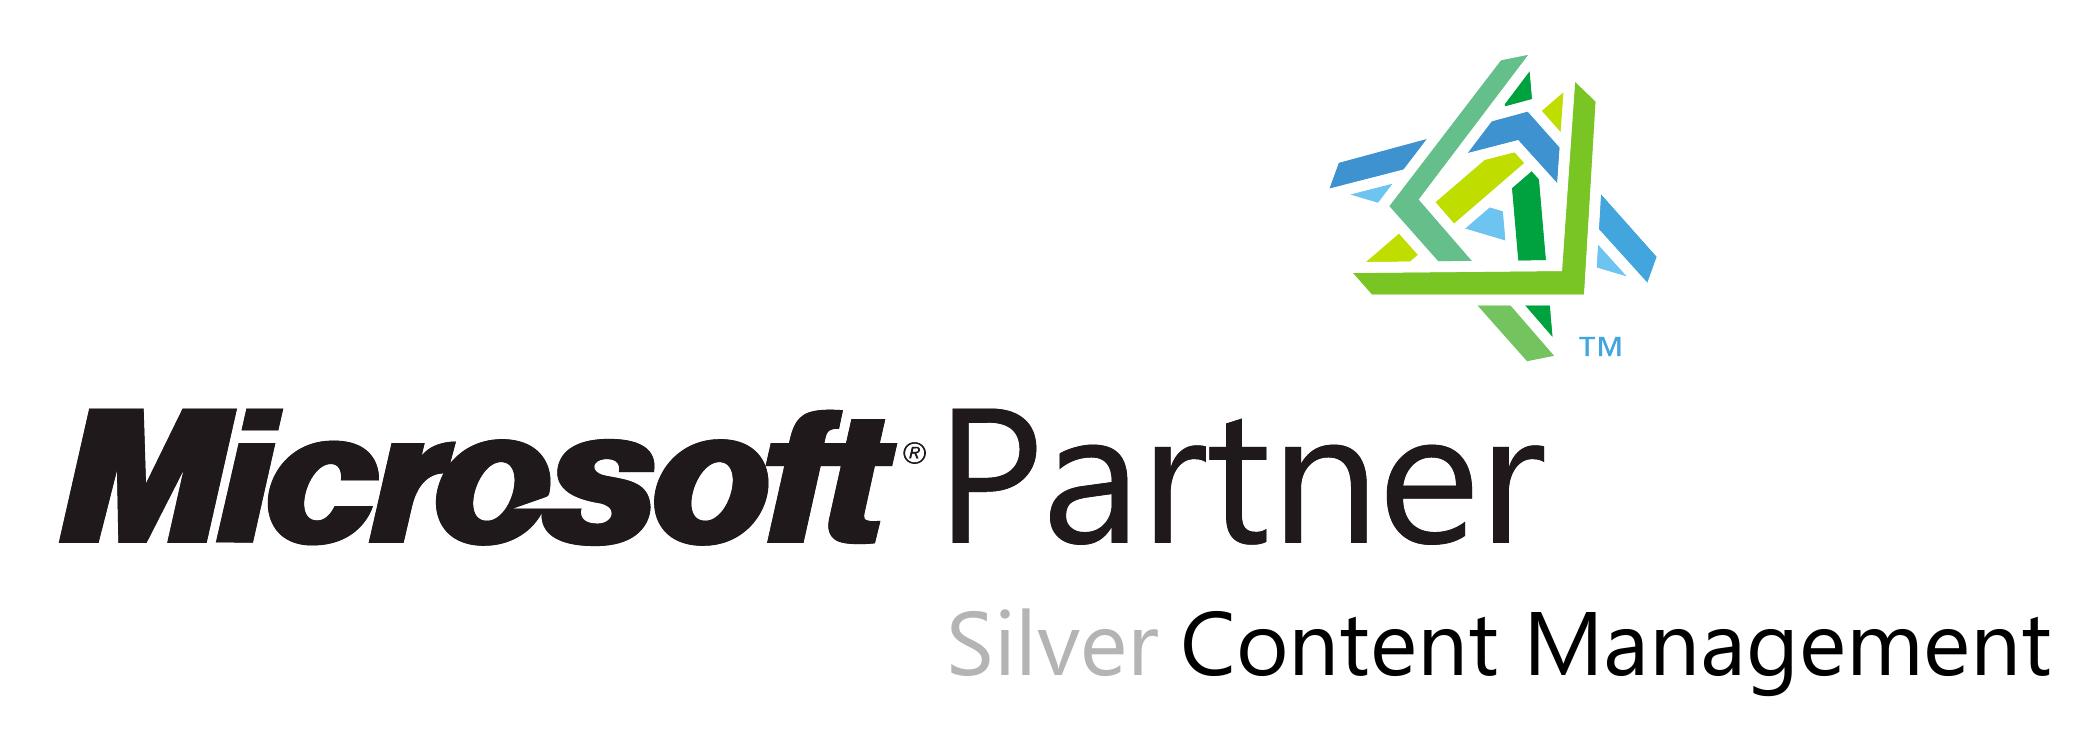 Silver_Content Management